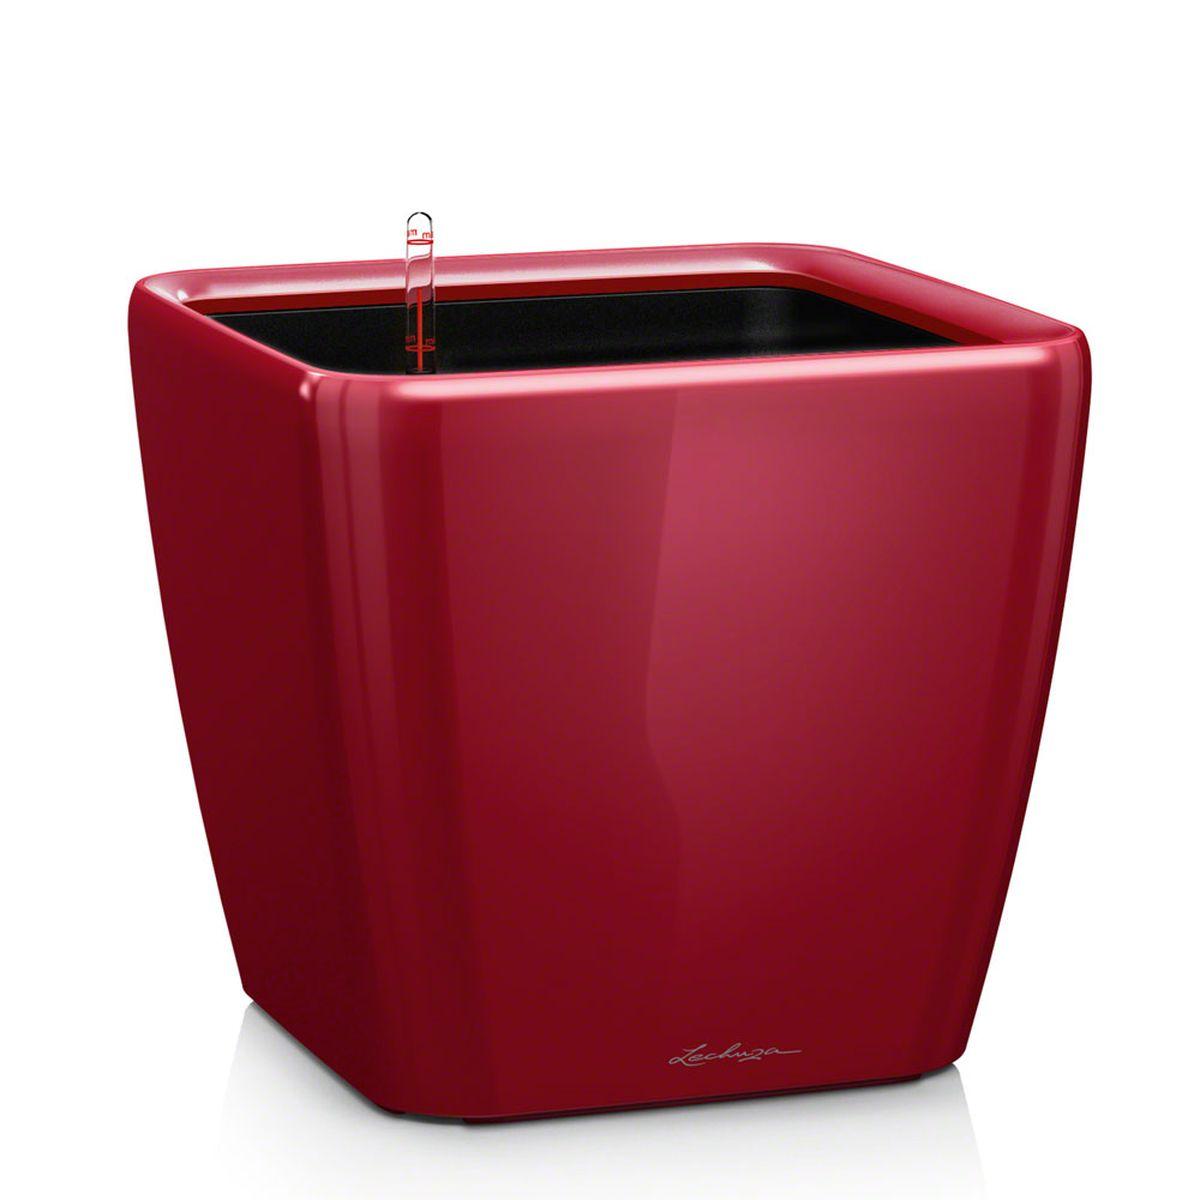 Кашпо Lechuza Quadro, с системой автополива, цвет: красный, 33 х 33 х 35 см16167Кашпо Lechuza Quadro, выполненное из высококачественного пластика, имеет уникальную систему автополива, благодаря которой корневая система растения непрерывно снабжается влагой из резервуара. Уровень воды в резервуаре контролируется с помощью специального индикатора. В зависимости от размера кашпо и растения воды хватает на 2-12 недель. Это способствует хорошему росту цветов и предотвращает переувлажнение.В набор входит: кашпо, внутренний горшок, индикатор уровня воды, вал подачи воды, субстрат растений в качестве дренажного слоя, резервуар для воды.Кашпо Lechuza Quadro прекрасно впишется в любой интерьер. Оно поможет расставить нужные акценты и придаст помещению вид, соответствующий вашим представлениям.